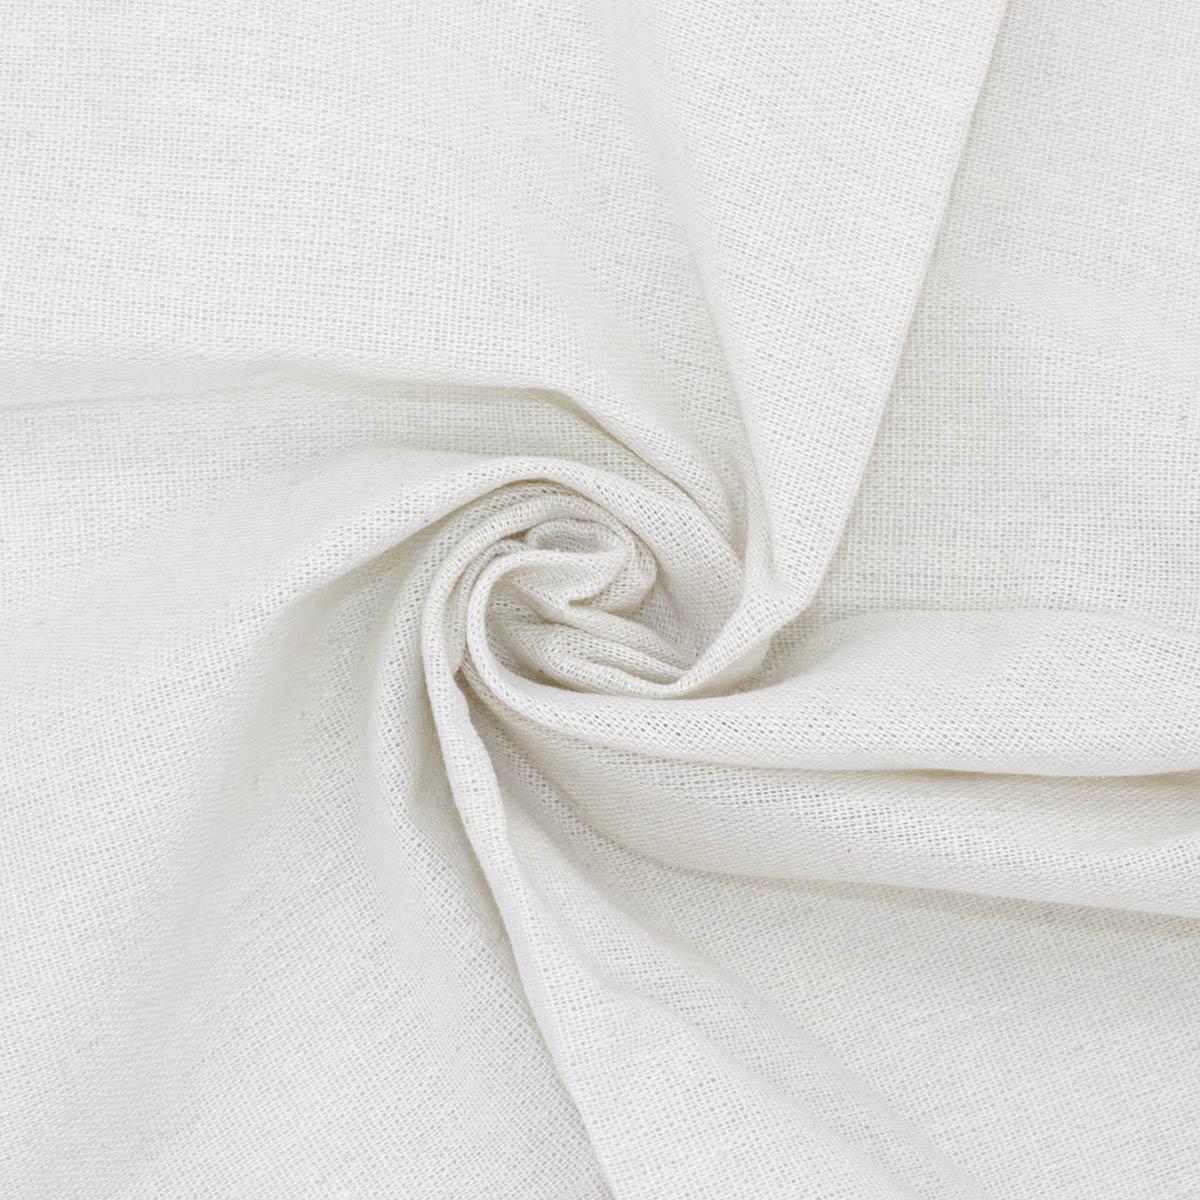 24229 Ткань 'ДЕКОР 1/09' 50*50см (80%лен,20%хлопок), цвет белый